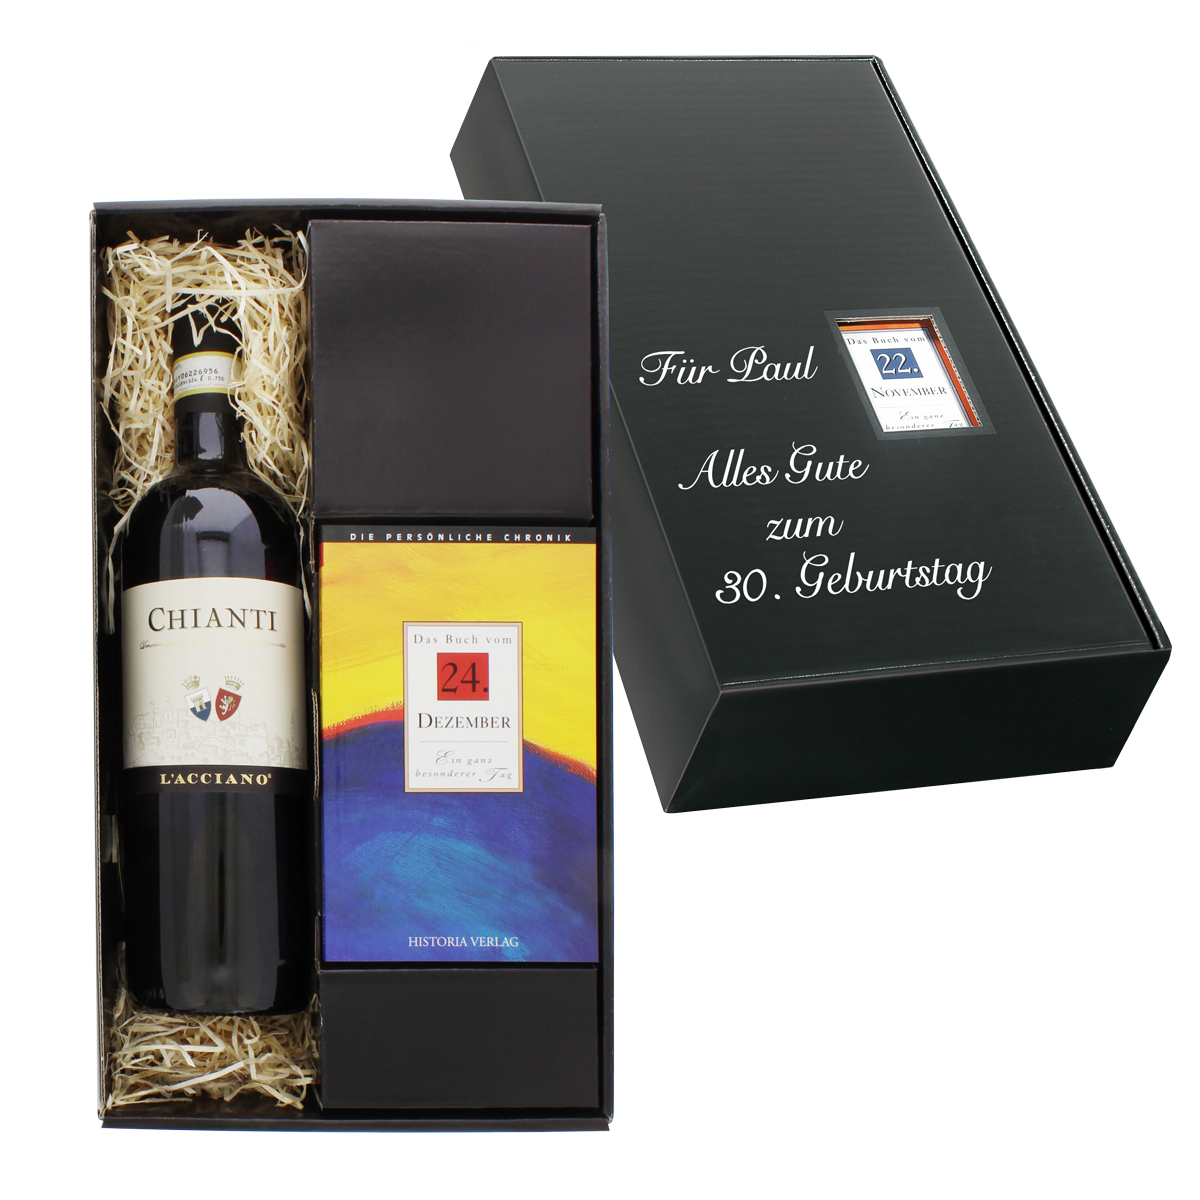 Italien-Set: Tageschronik vom 14. Mai & Chianti-Wein